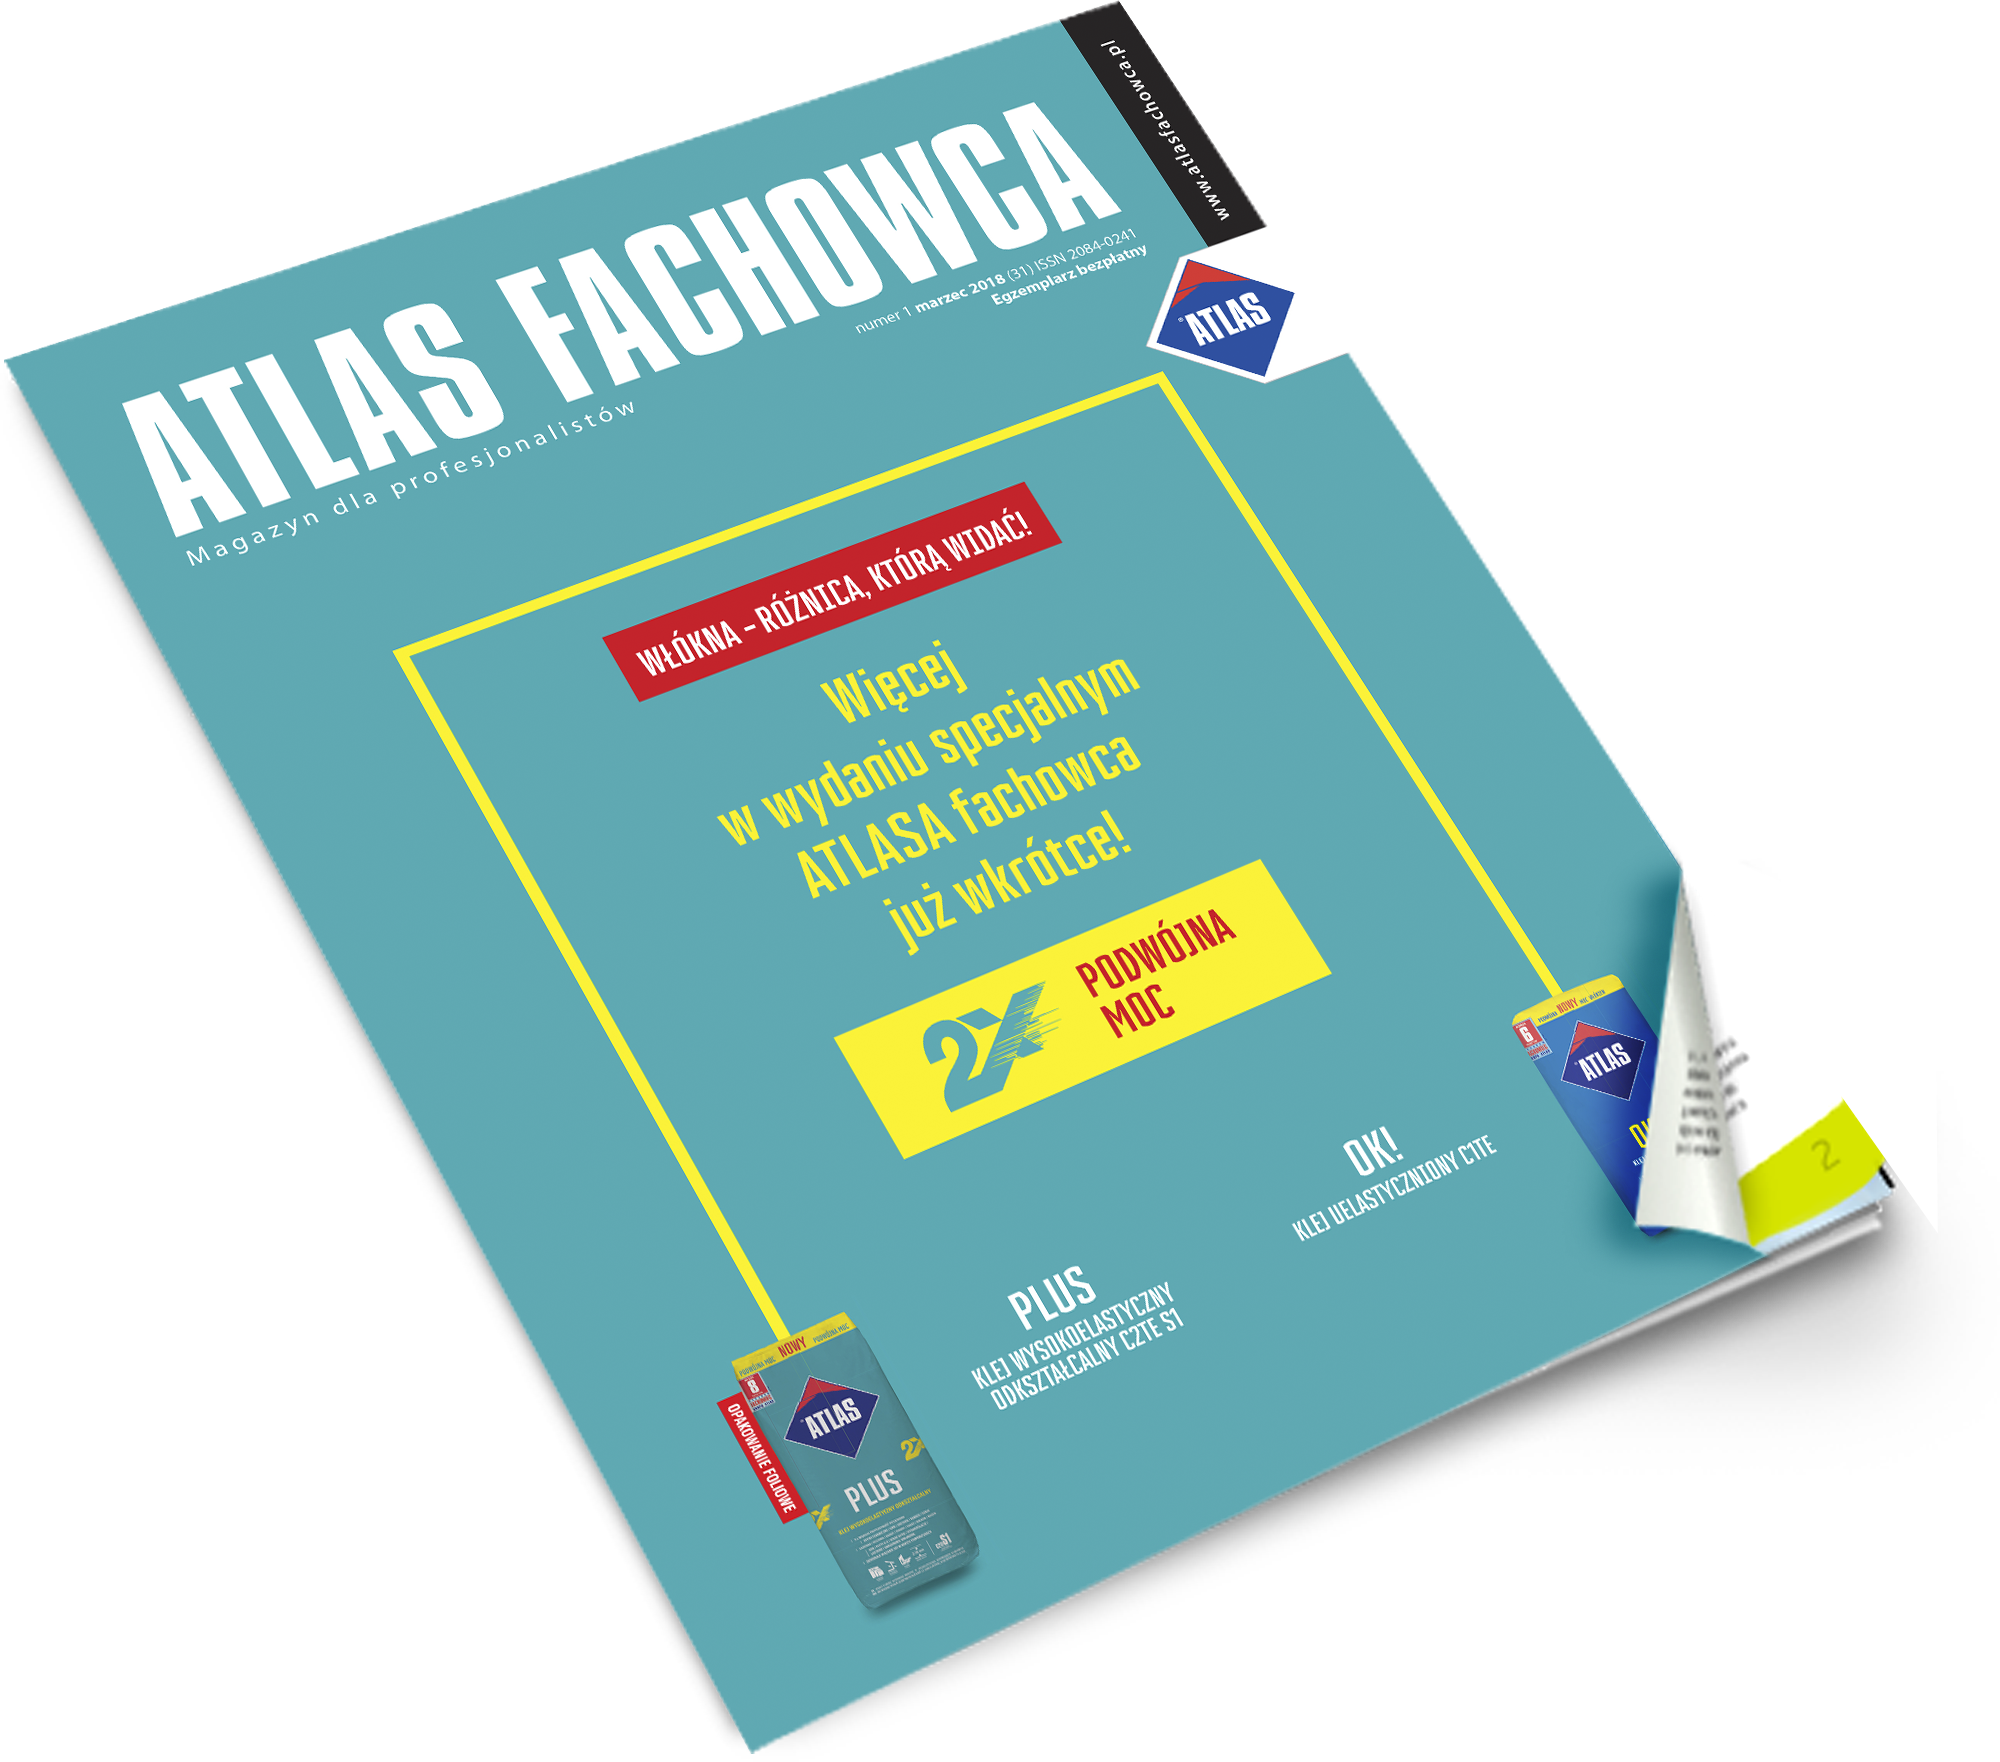 ATLAS Fachowca nr 31